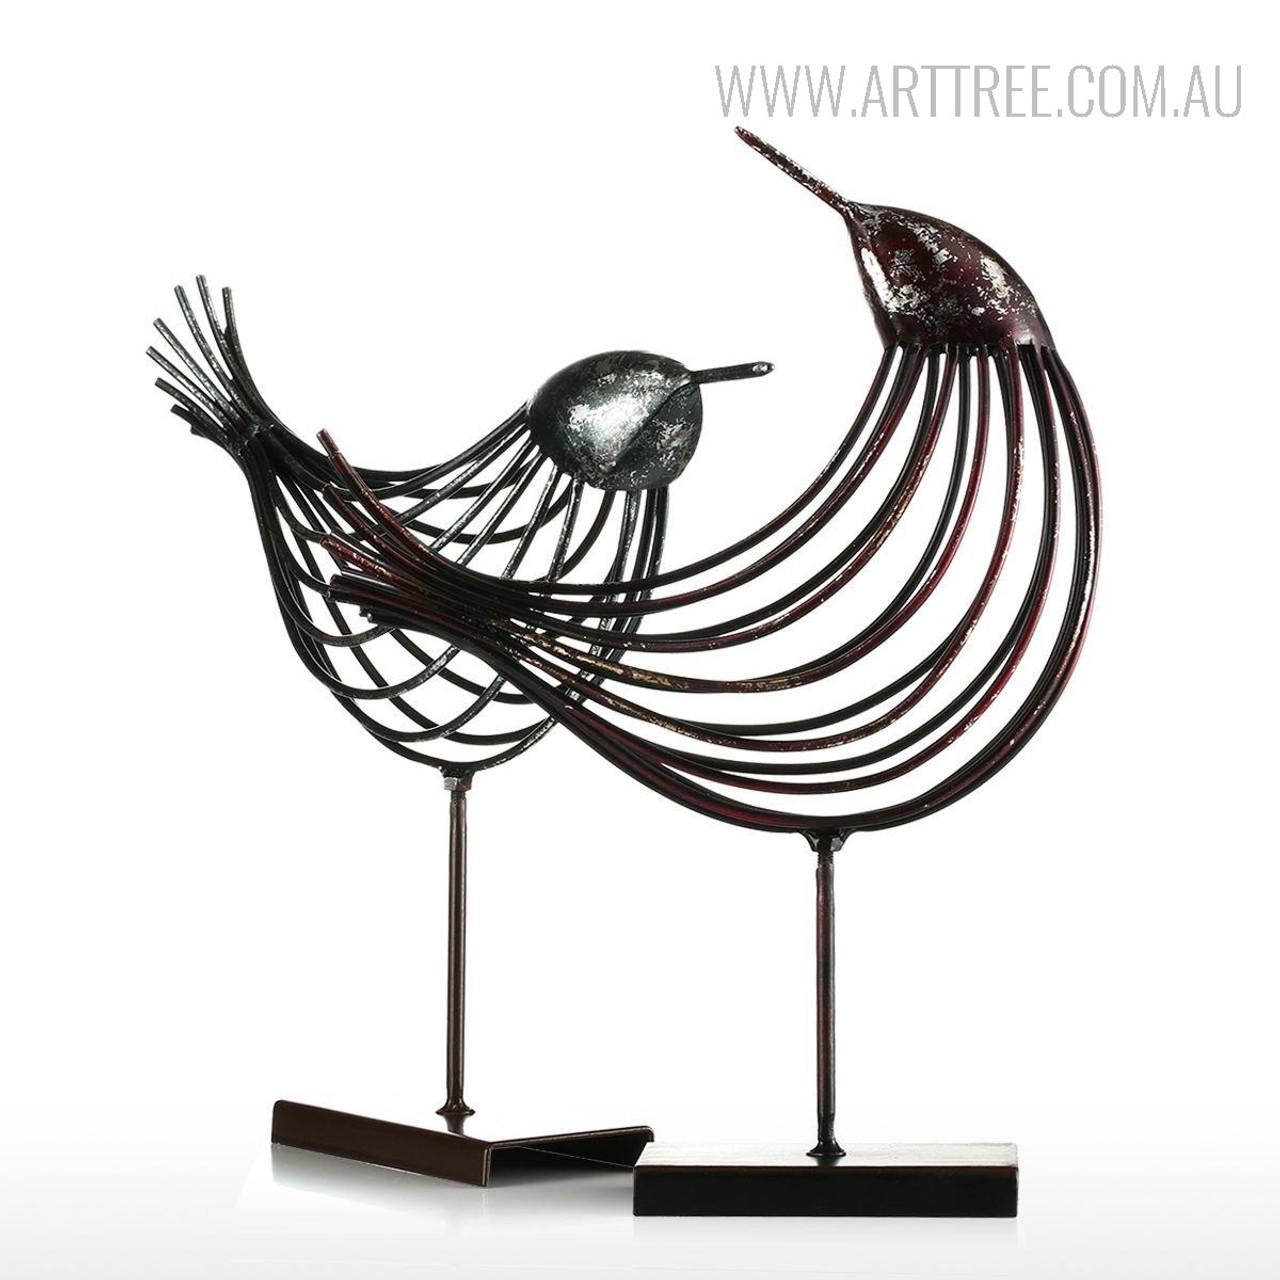 Set of Bird Sculpture - Arttree